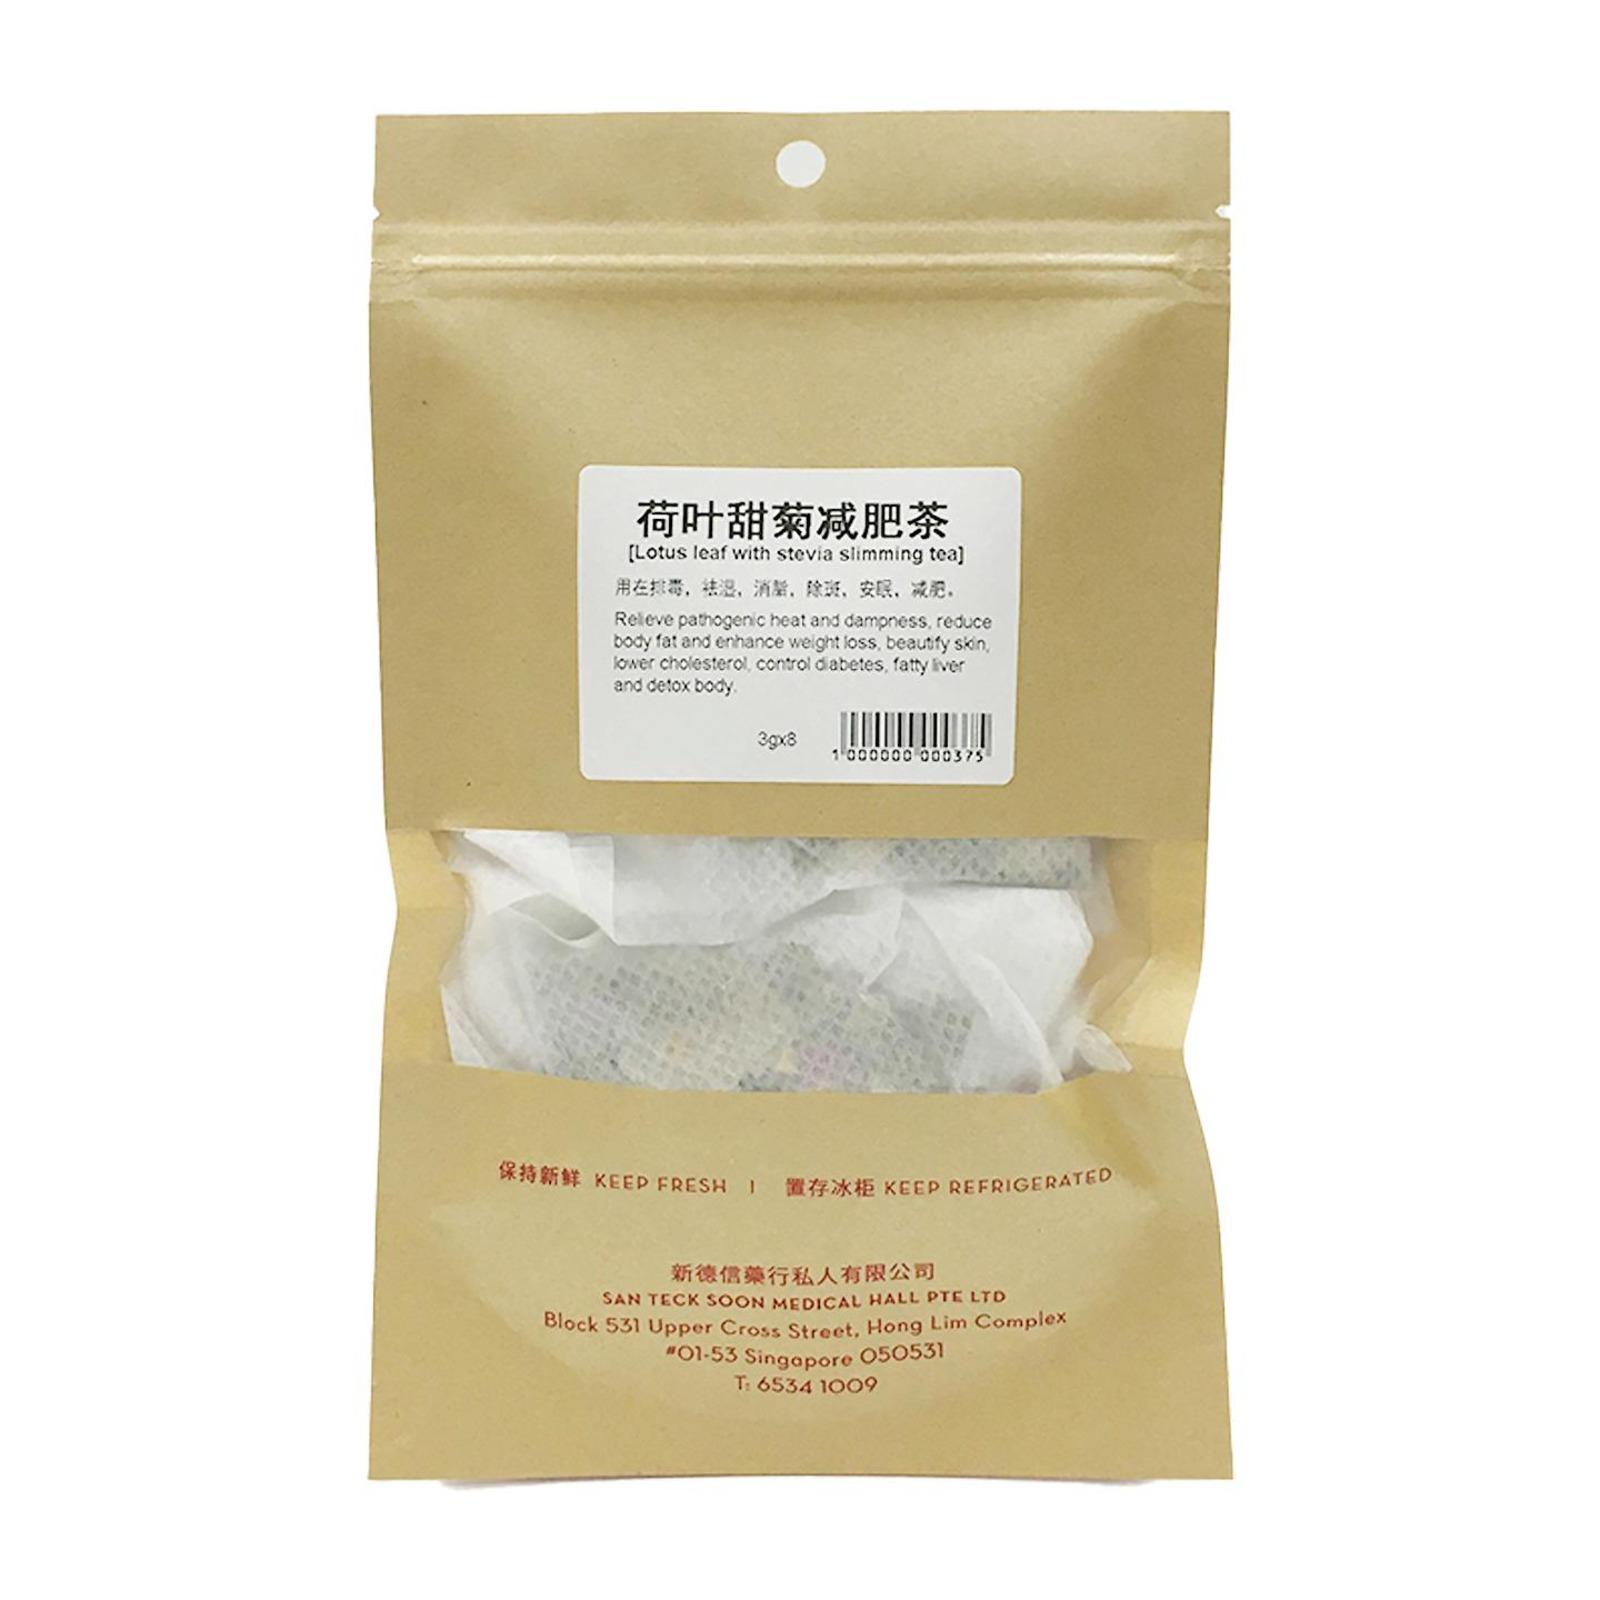 San Teck Soon Lotus Leaf With Stevia Slimming Tea